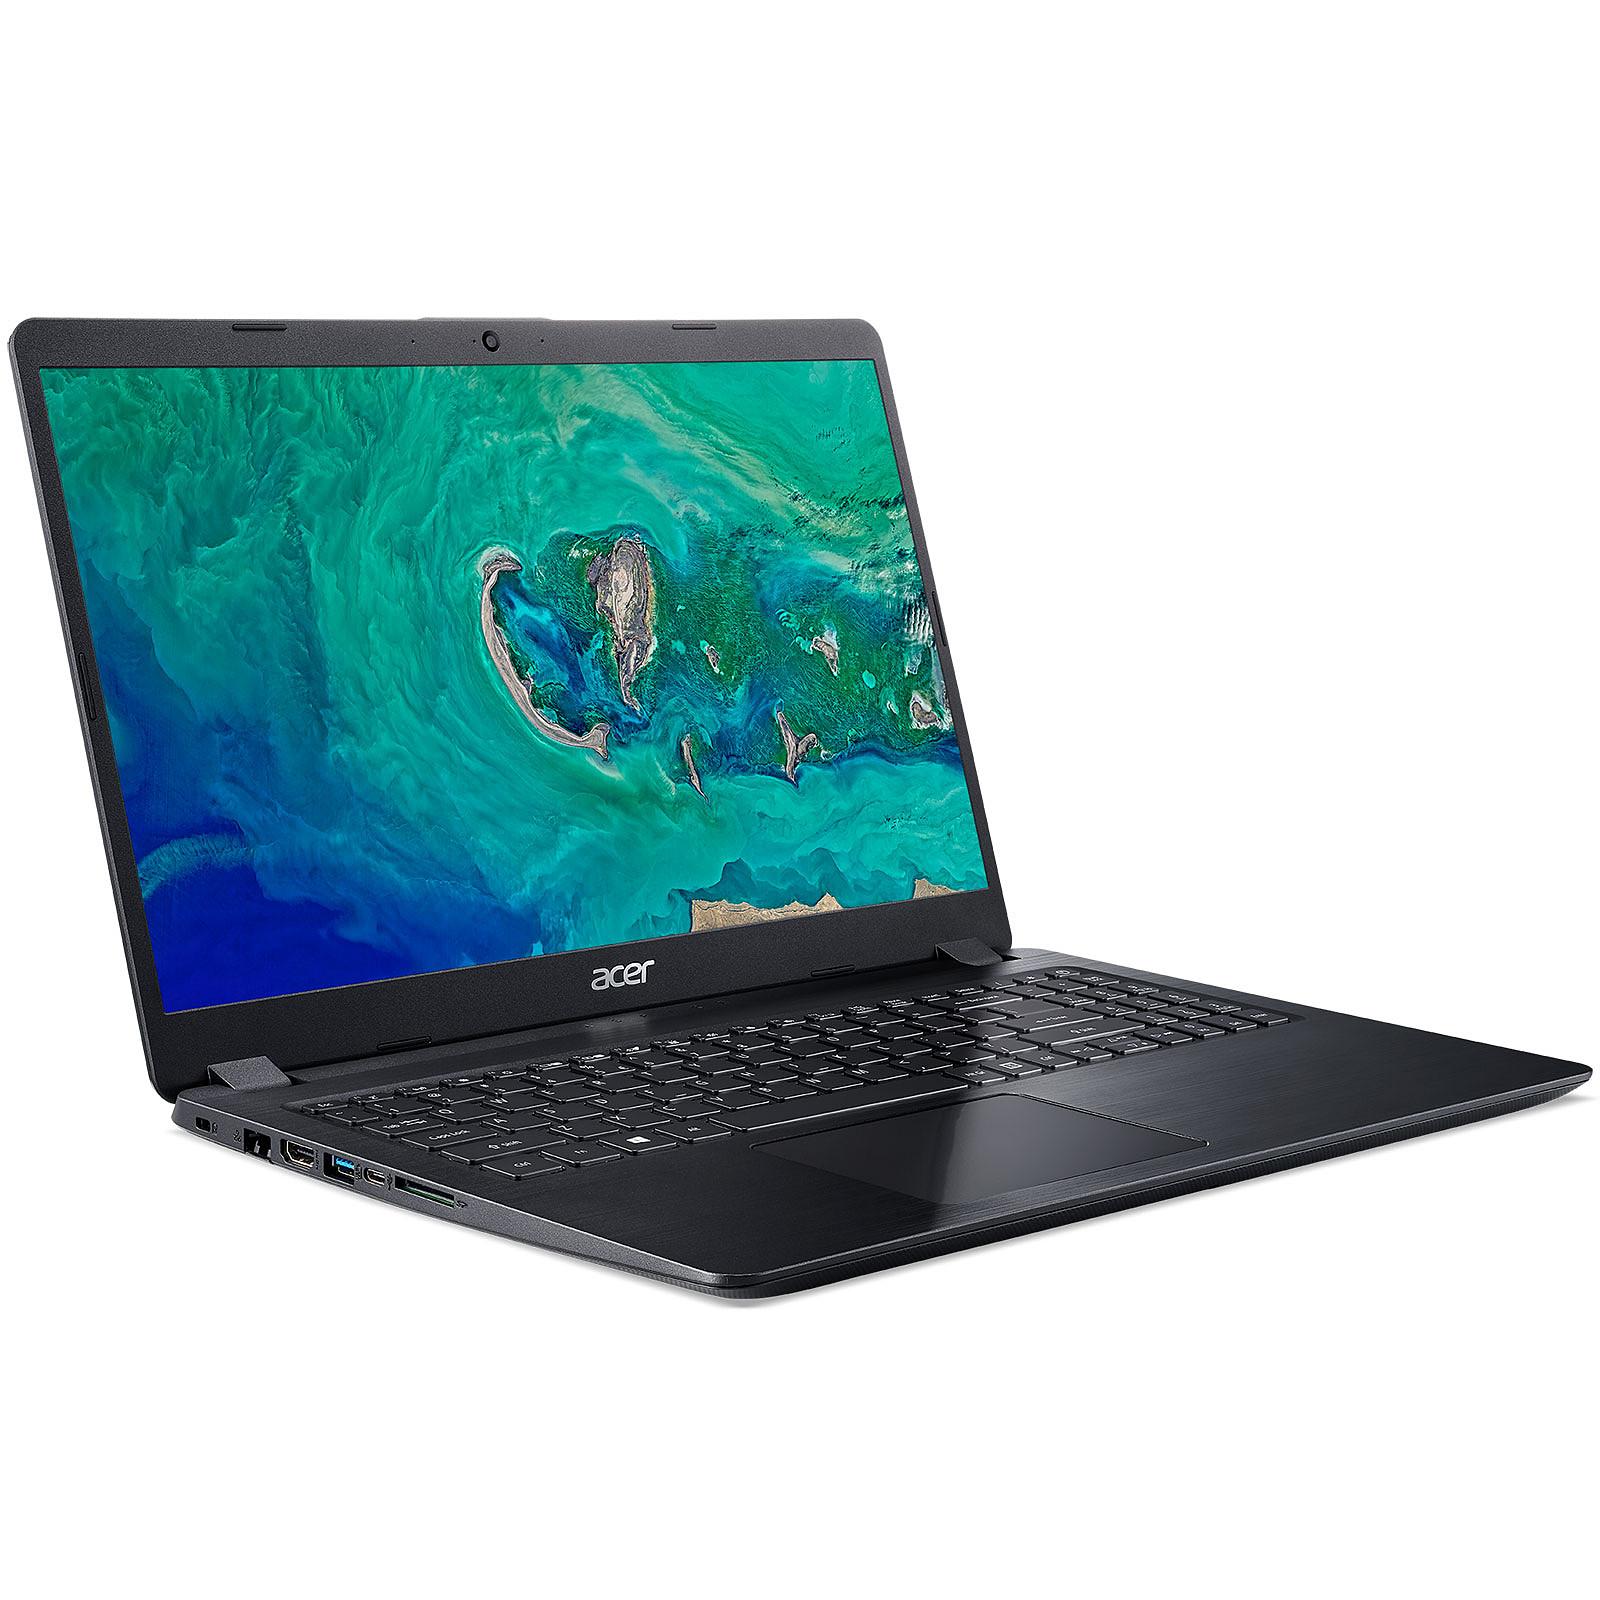 Acer Aspire 5 A515-52G-76Q3